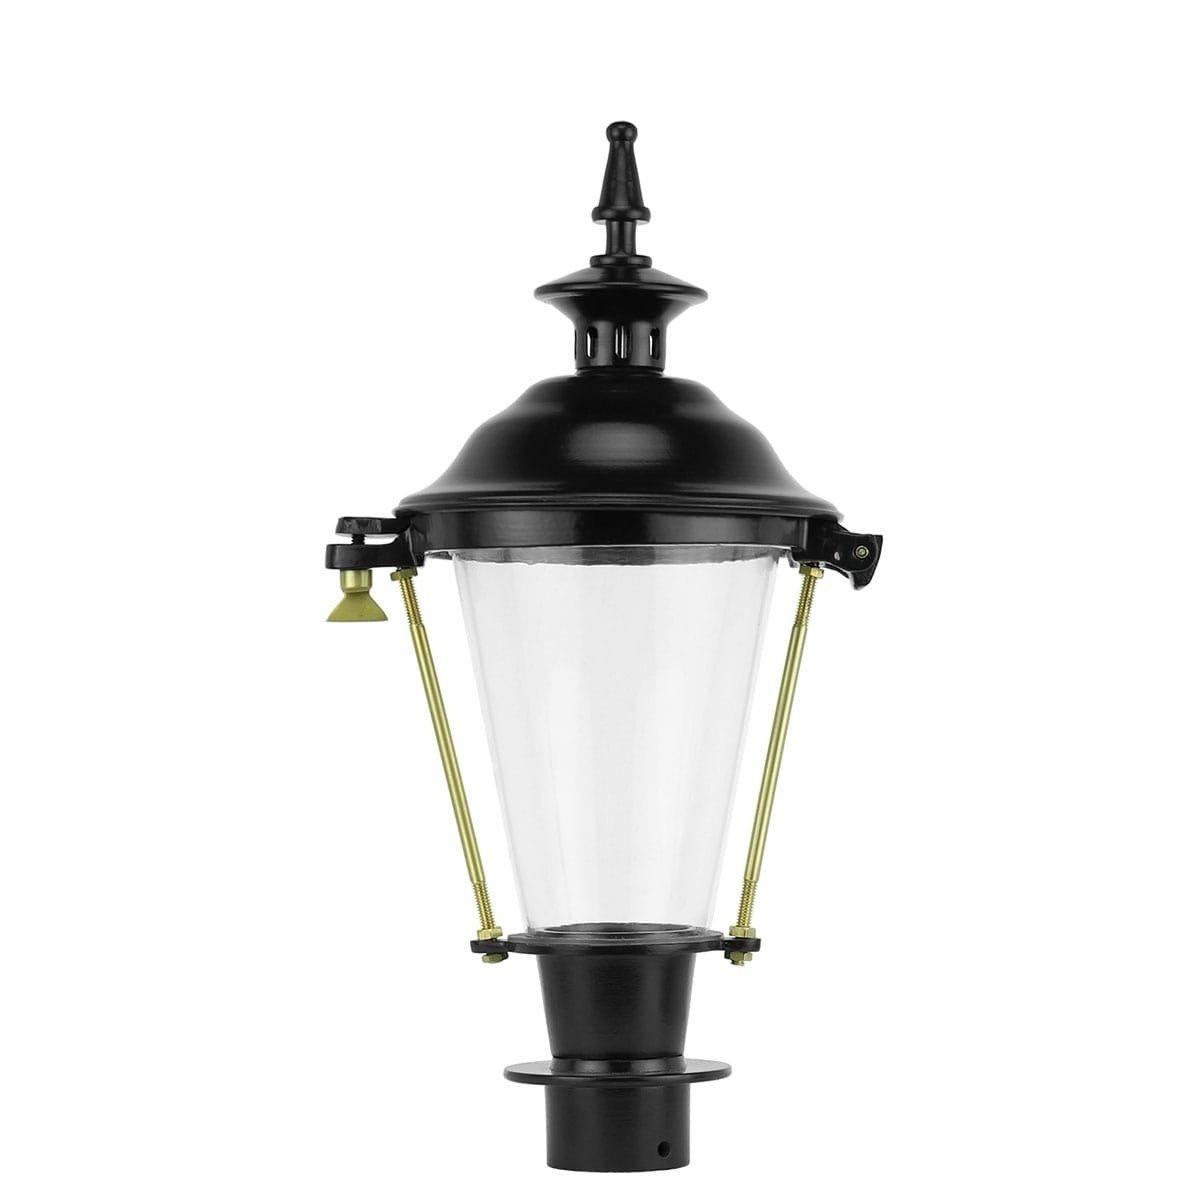 Outdoor lighting Classic Rural Loose outdoor lamp K09G - 40 cm